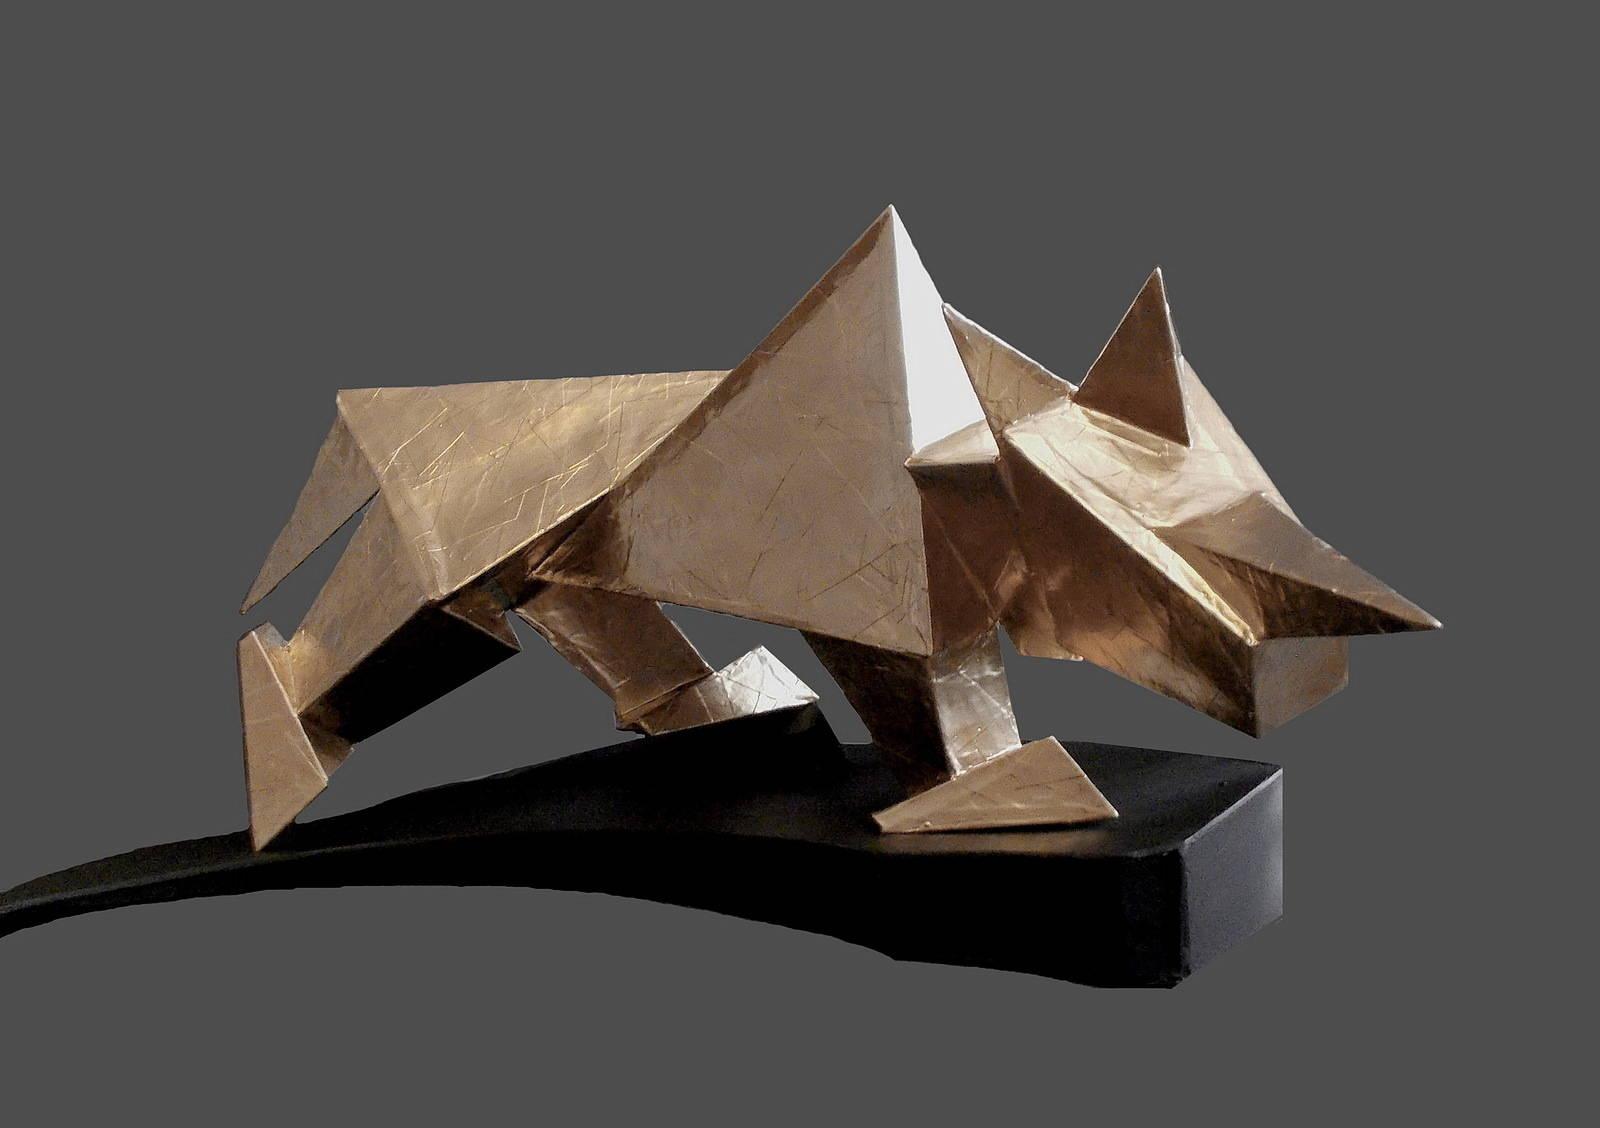 Носорог 30х 80х 50 см,  2017 г. скульптура-является моделью для будущей скульптуры в металле.